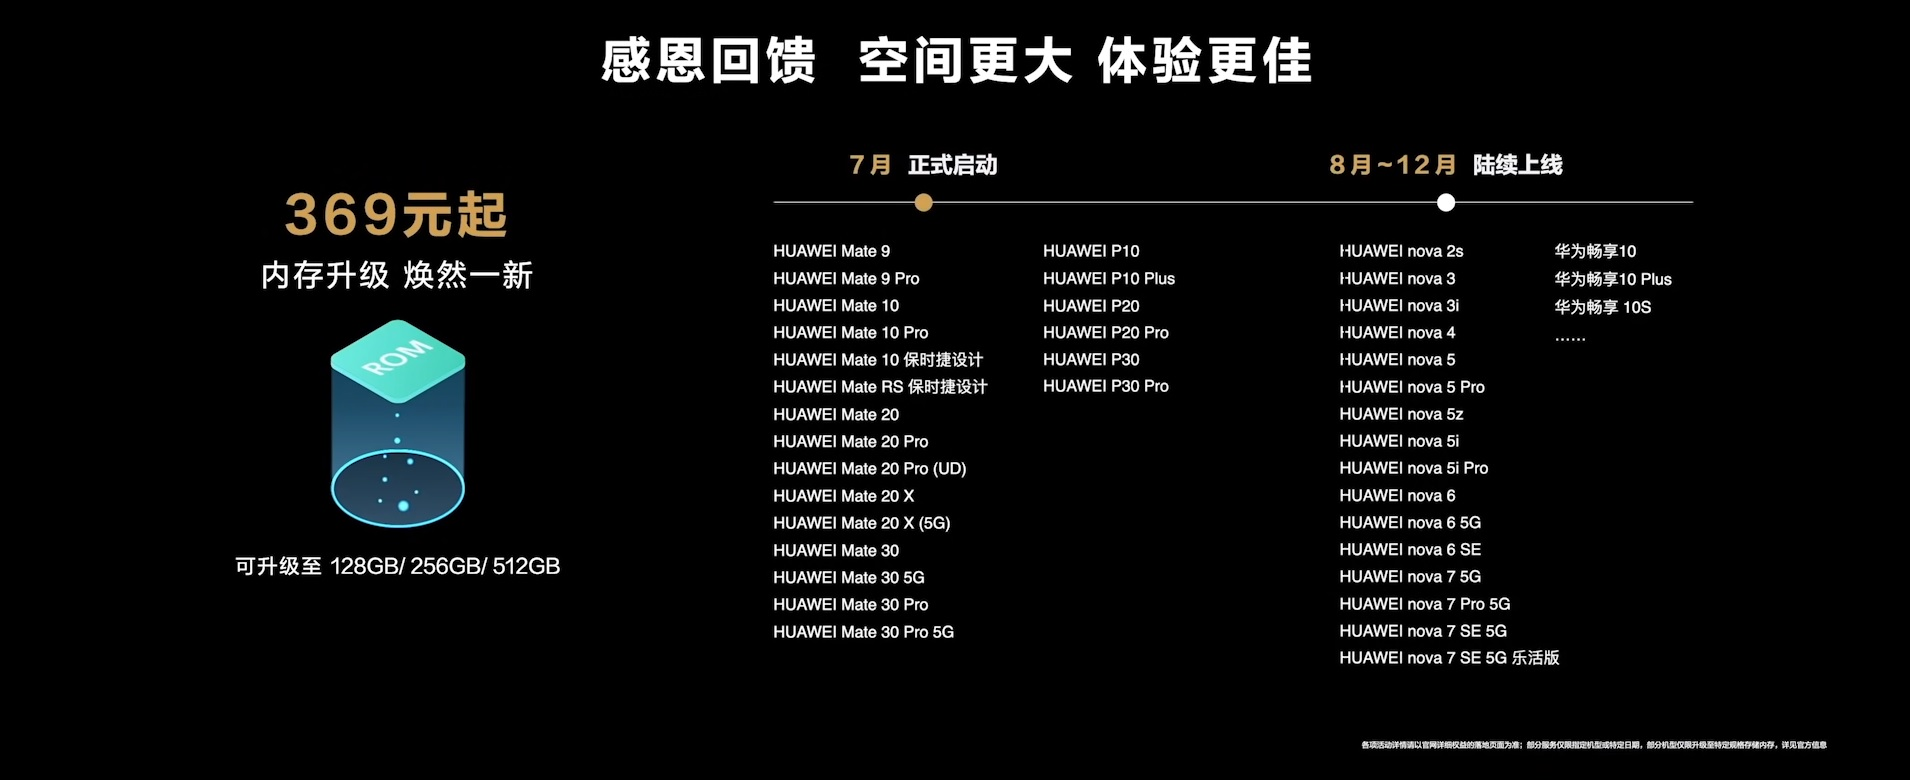 Huawei wymiana pamięci w smartfonach